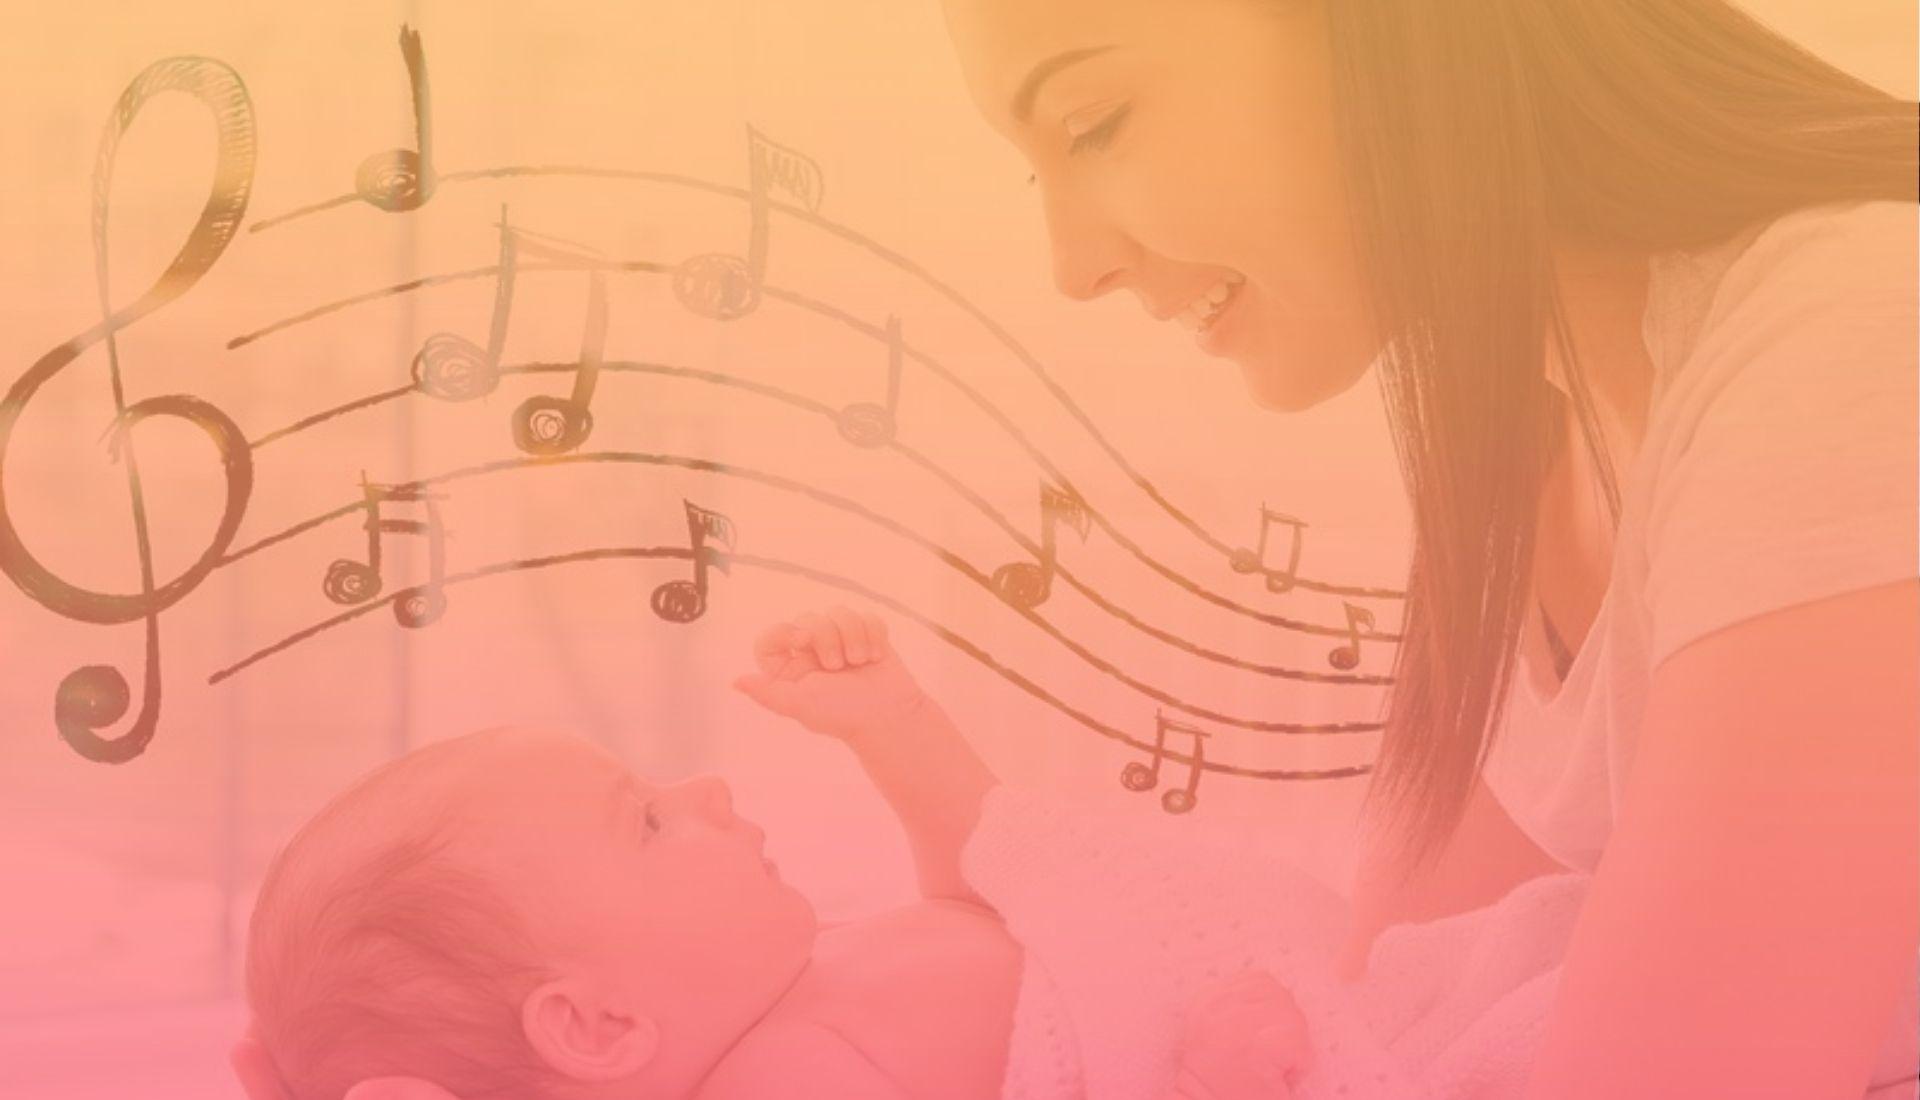 Bimbo Mamma e Pentagramma - Forme Sonore - 1920x1100 pixel